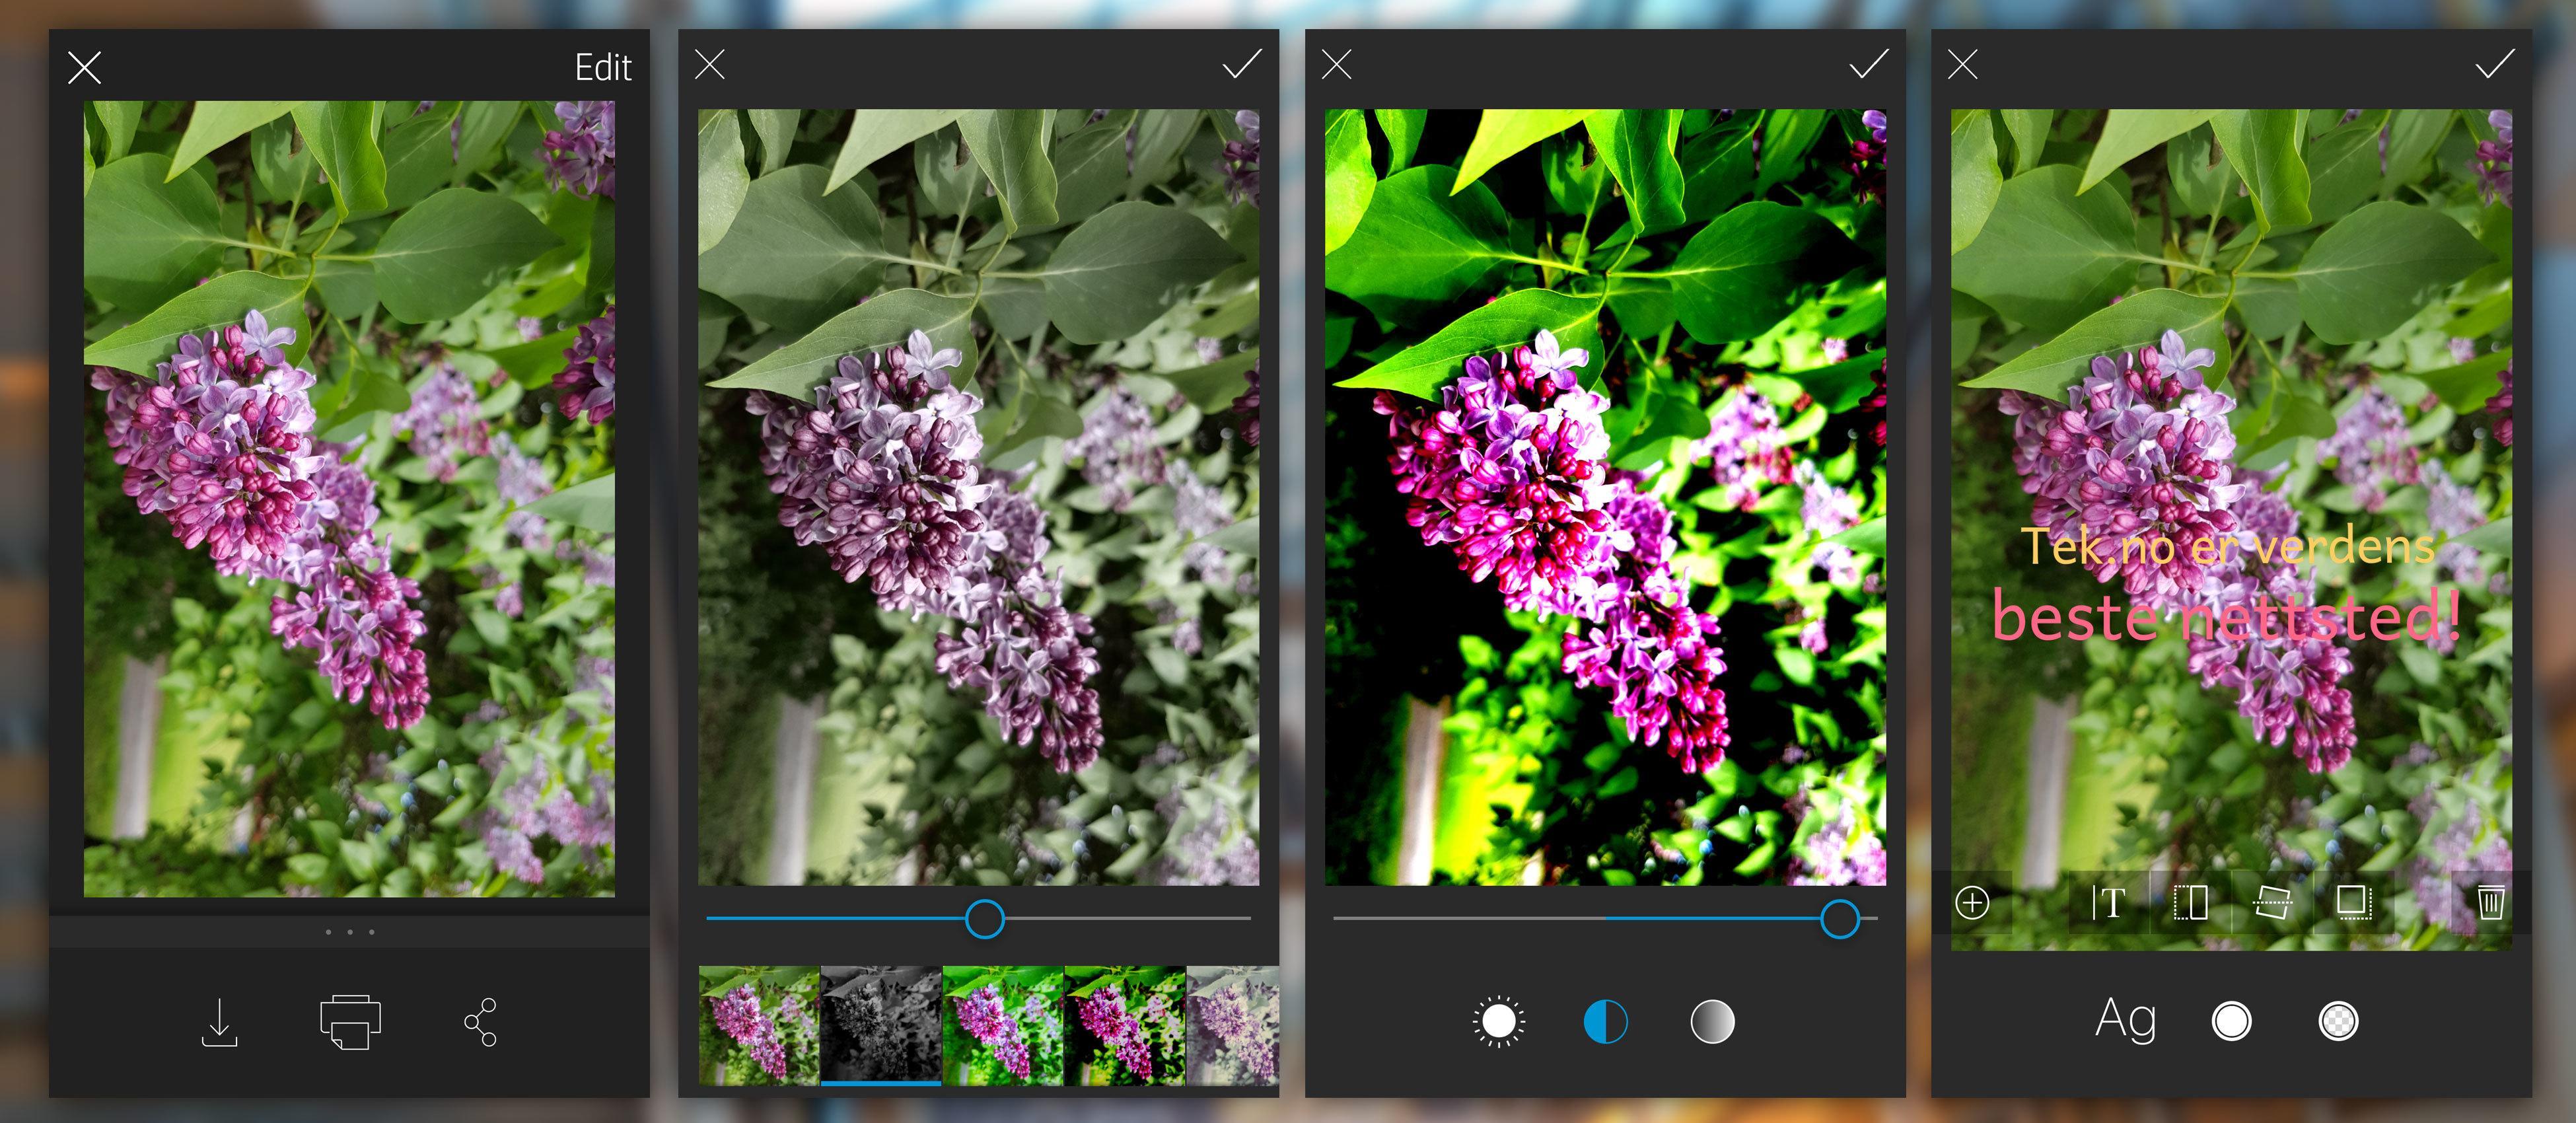 Bildene kan tweakes på mange måter raskt og enkelt.